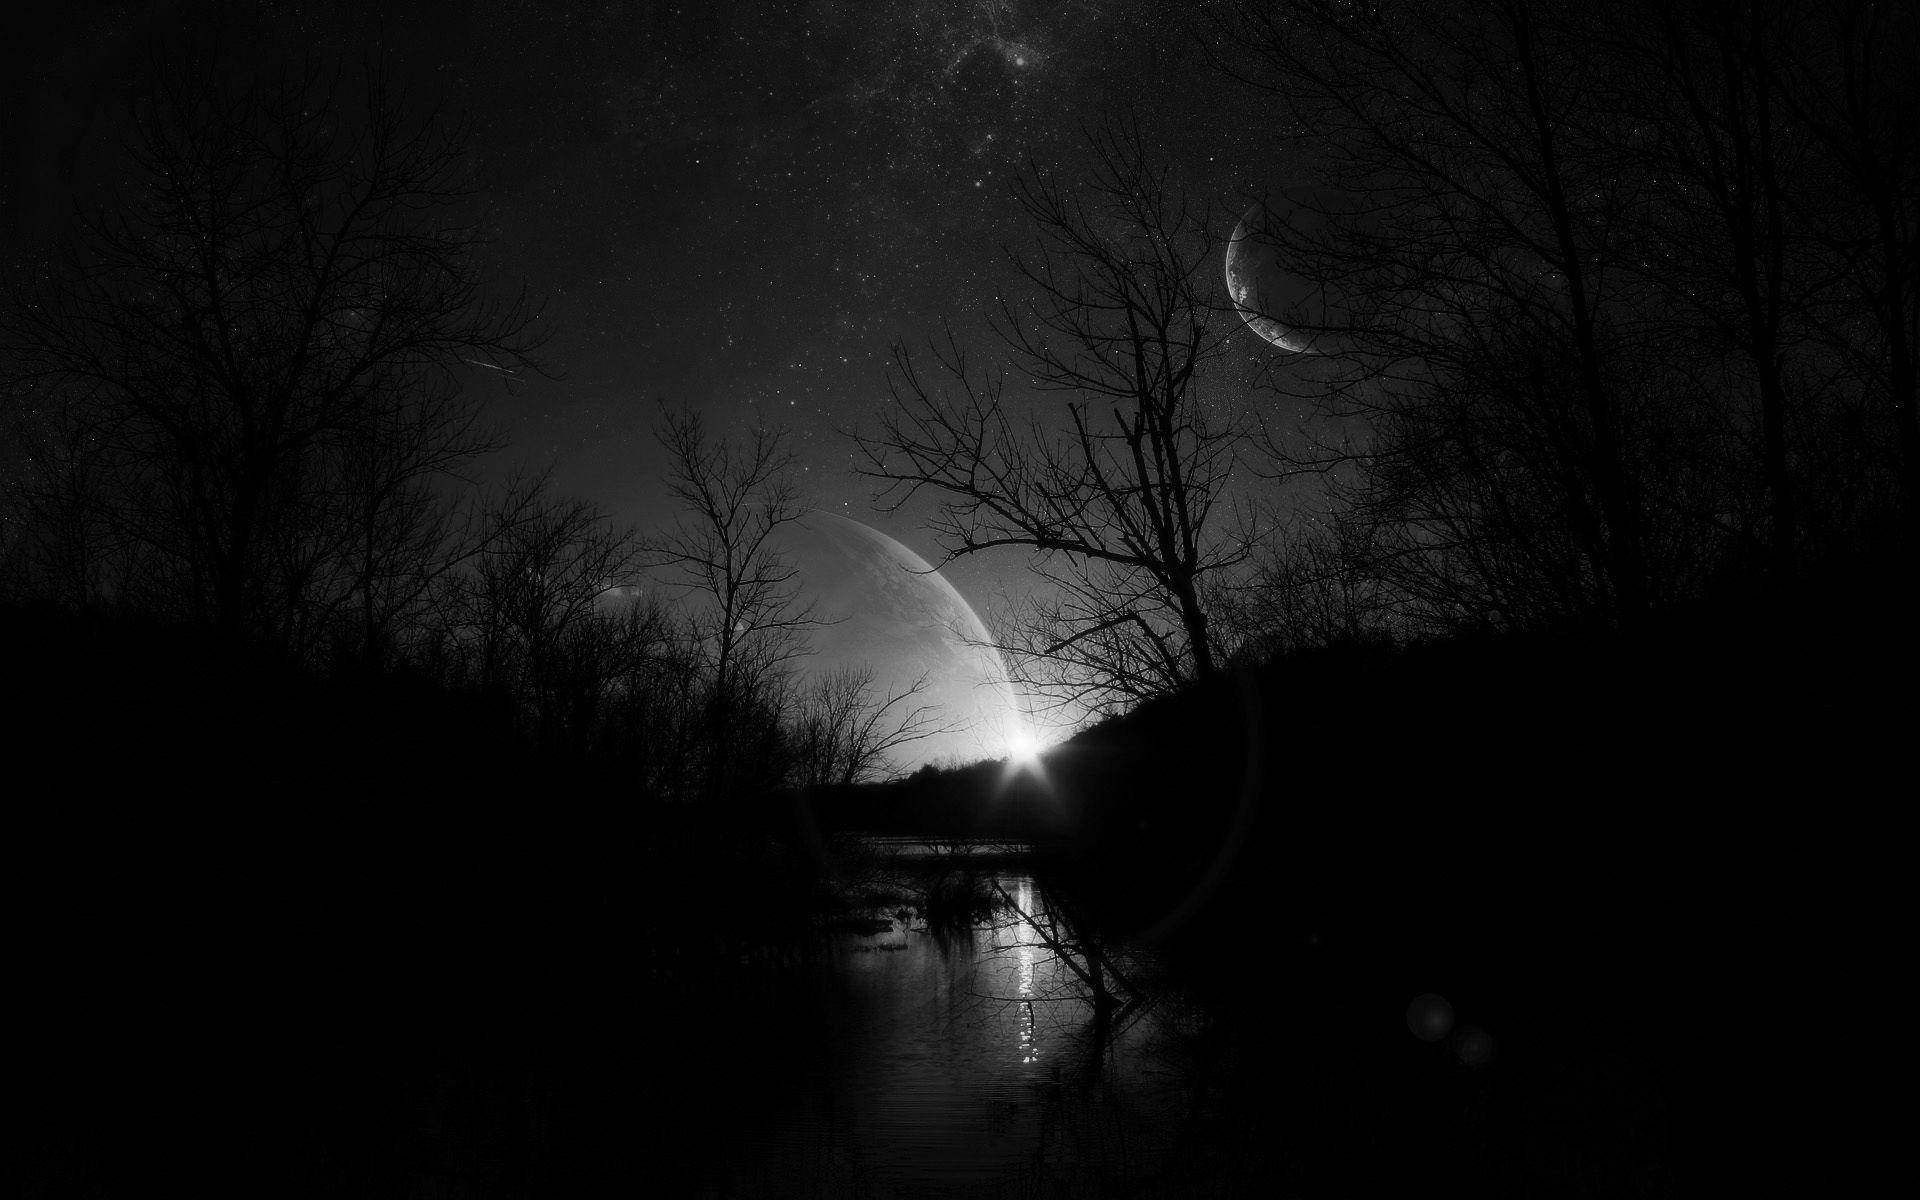 Night River Planet Moon Moons Alien Fantasy Science Fiction World Wallpaper Dark Desktop Backgrounds Hd Dark Wallpapers Dark Background Wallpaper